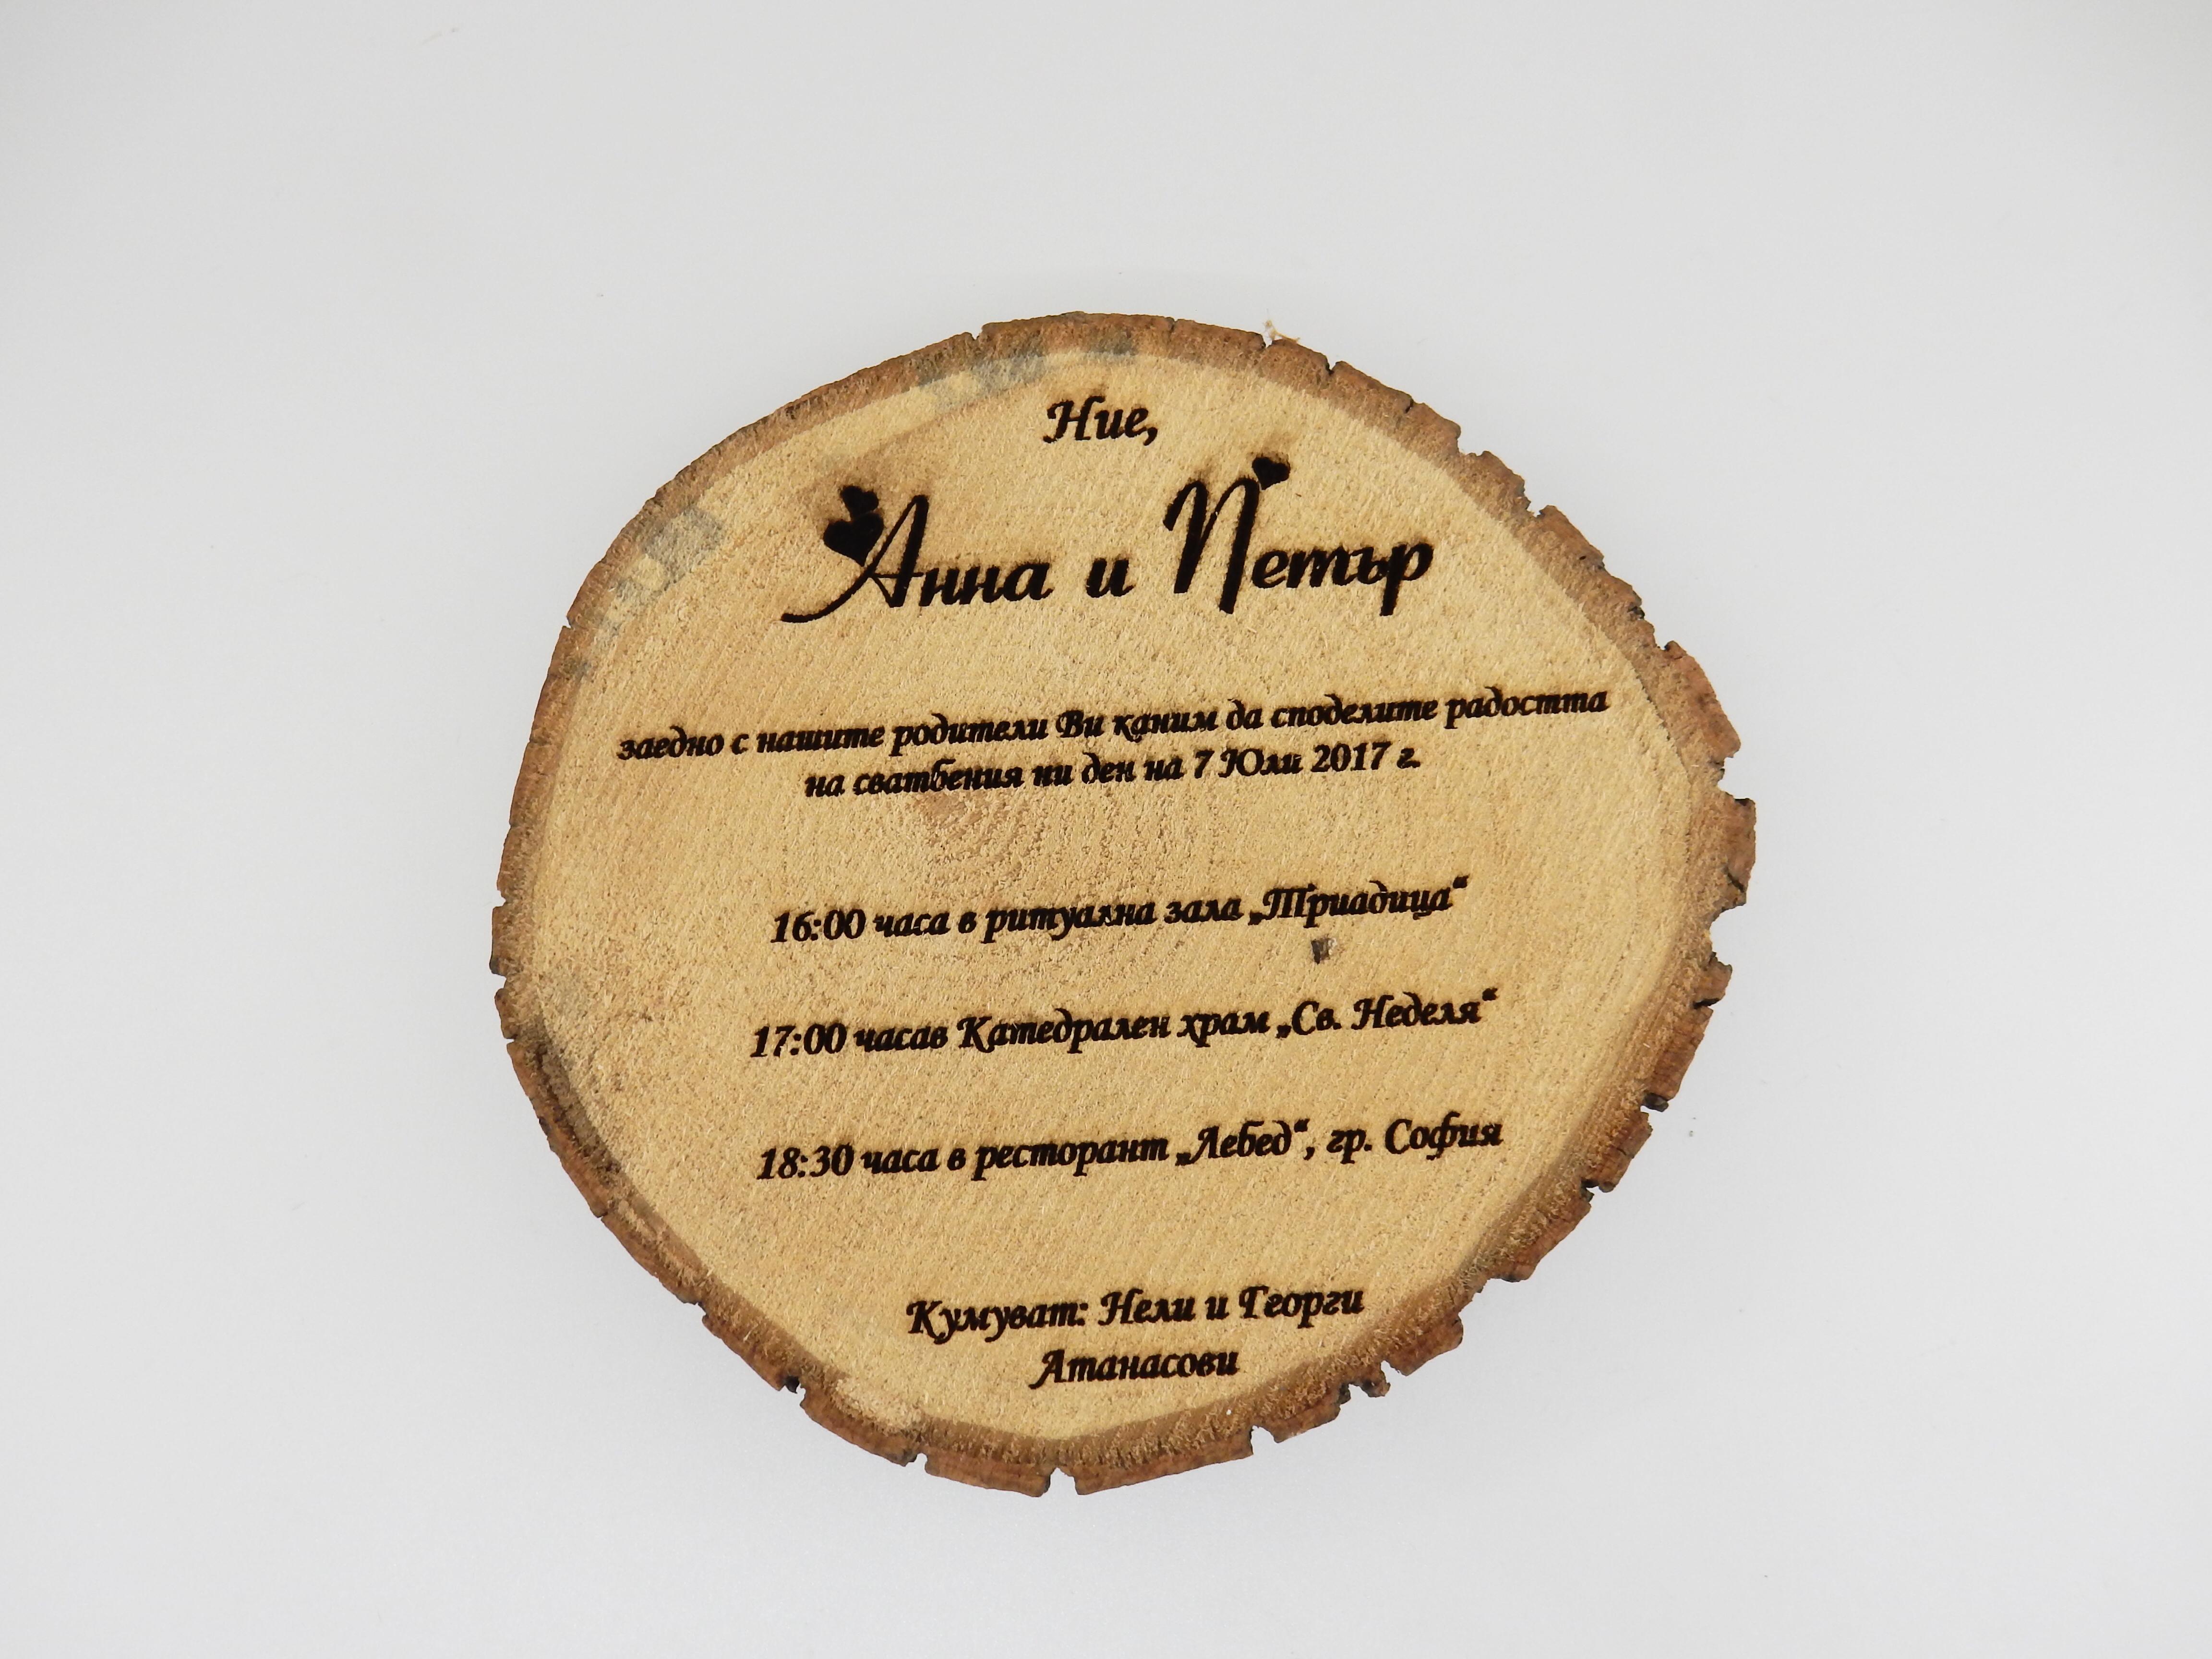 Придайте горско настроение на вашия празник със сватбените покани от естествено дърво. Текста е запечатан върху дървото с лазерно гравиране. Така тези покани са един специален подарък за гостите, сами по себе си са стилно допълнение към тематиката на декорацията ви. Диаметър: около 20см. Дебелина на дървото: около 2,5-3,0 см. Дървената шайба може да бъде малко по-различна от тази на снимката, защото всяко дърво е уникално. Посочената мостра не е обработена, но можем да полираме дървото. Тази допълнителна обработка ще добави към цената на продукта още 0,20 лв. Ако желаете кутия за тази покана, можем да предложим варианти. Разработваме и мостри - цената за един брой мостра с вашия текст е 15 лв, доставката с куриер - отново за ваша сметка. Цена за дин брой 4.80 лв (при минимална поръчка от 10 броя)